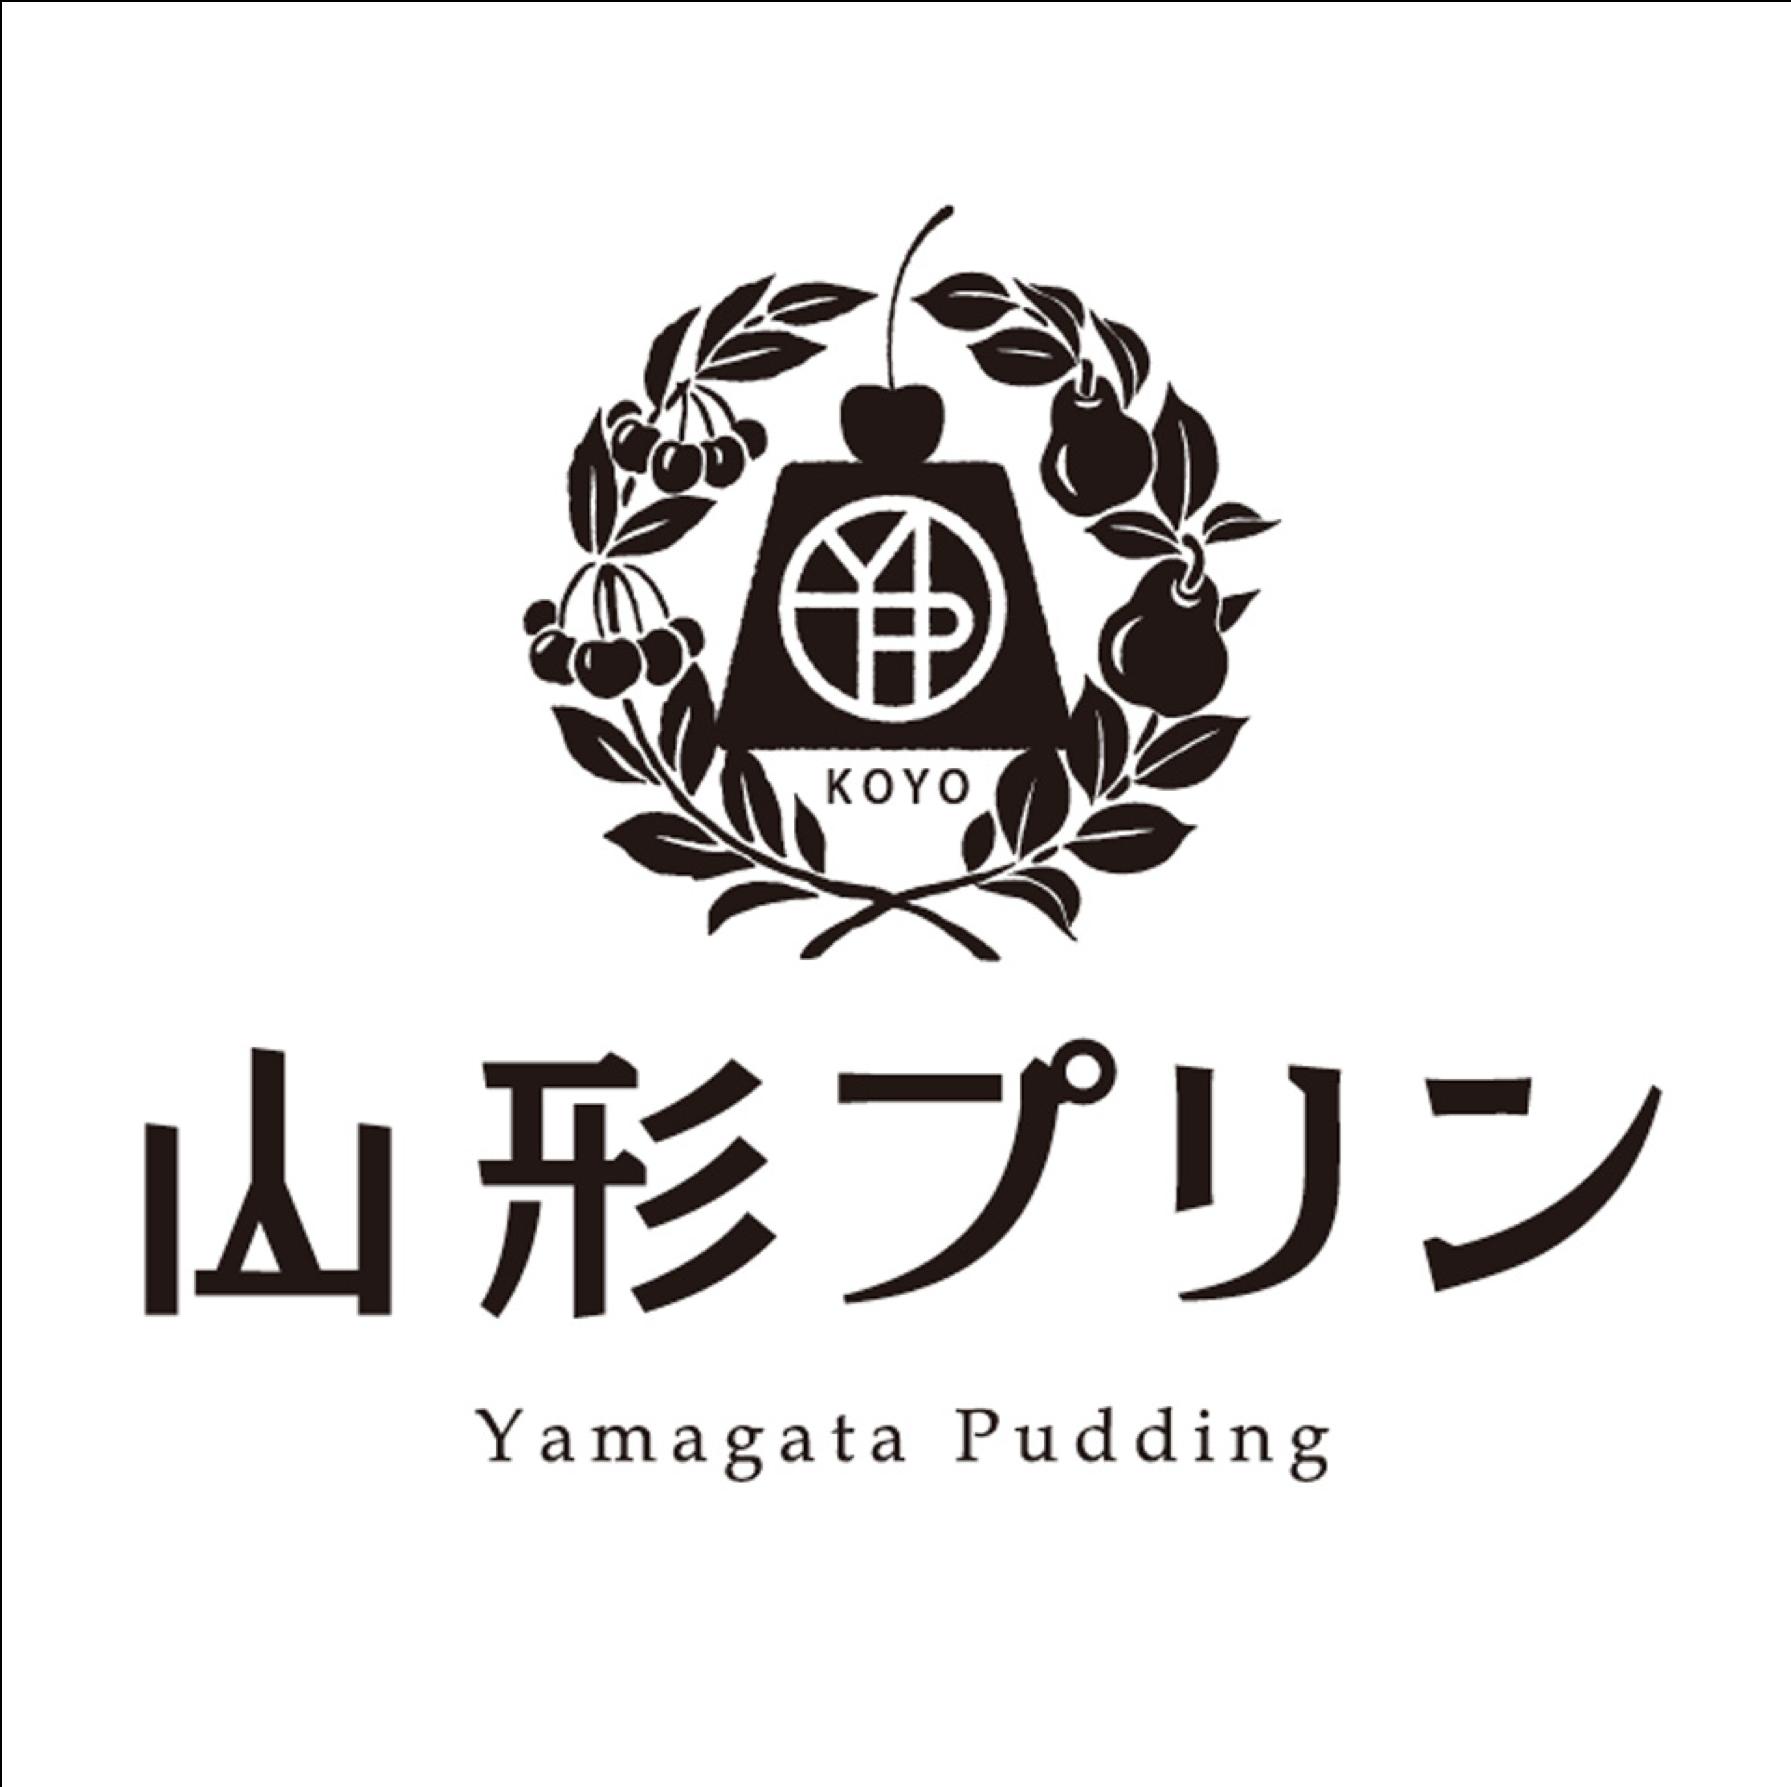 山形プリン ロゴデザイン